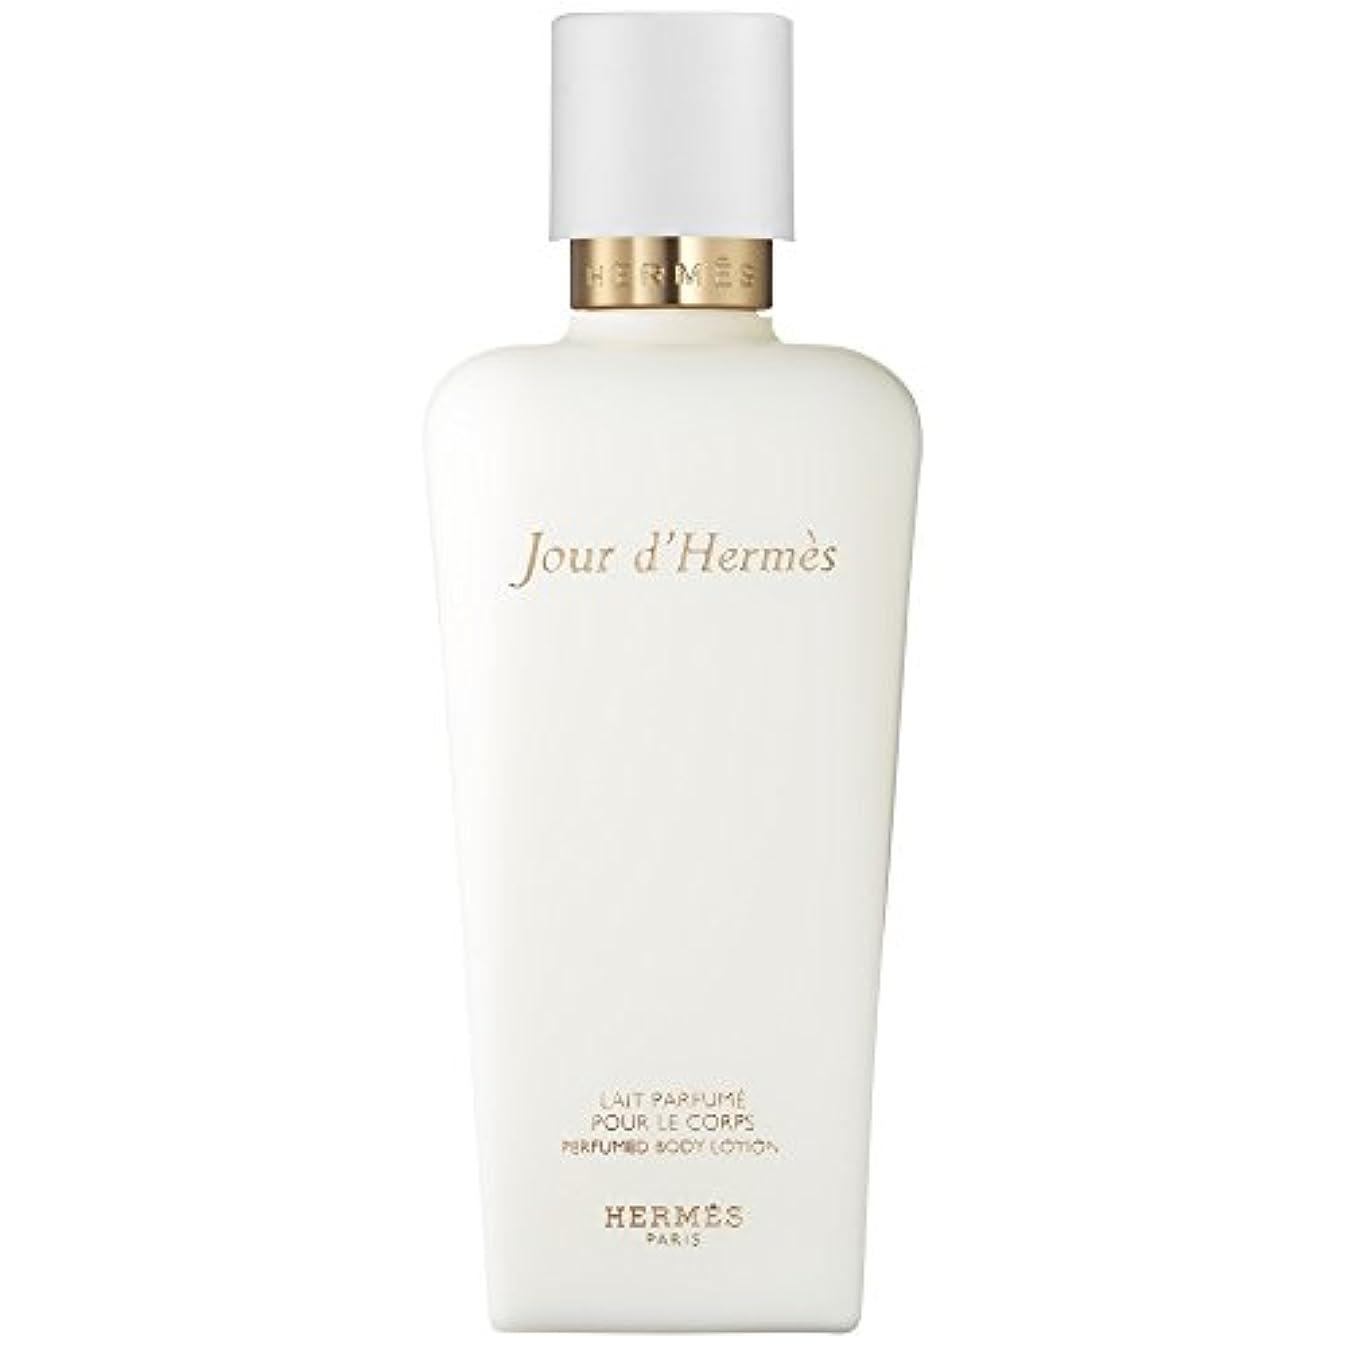 慈善十分に捧げるエルメスJourのドールエルメス賦香ボディローション200ミリリットル (HERM?S) (x2) - HERM?S Jour d'Herm?s Perfumed Body Lotion 200ml (Pack of 2...